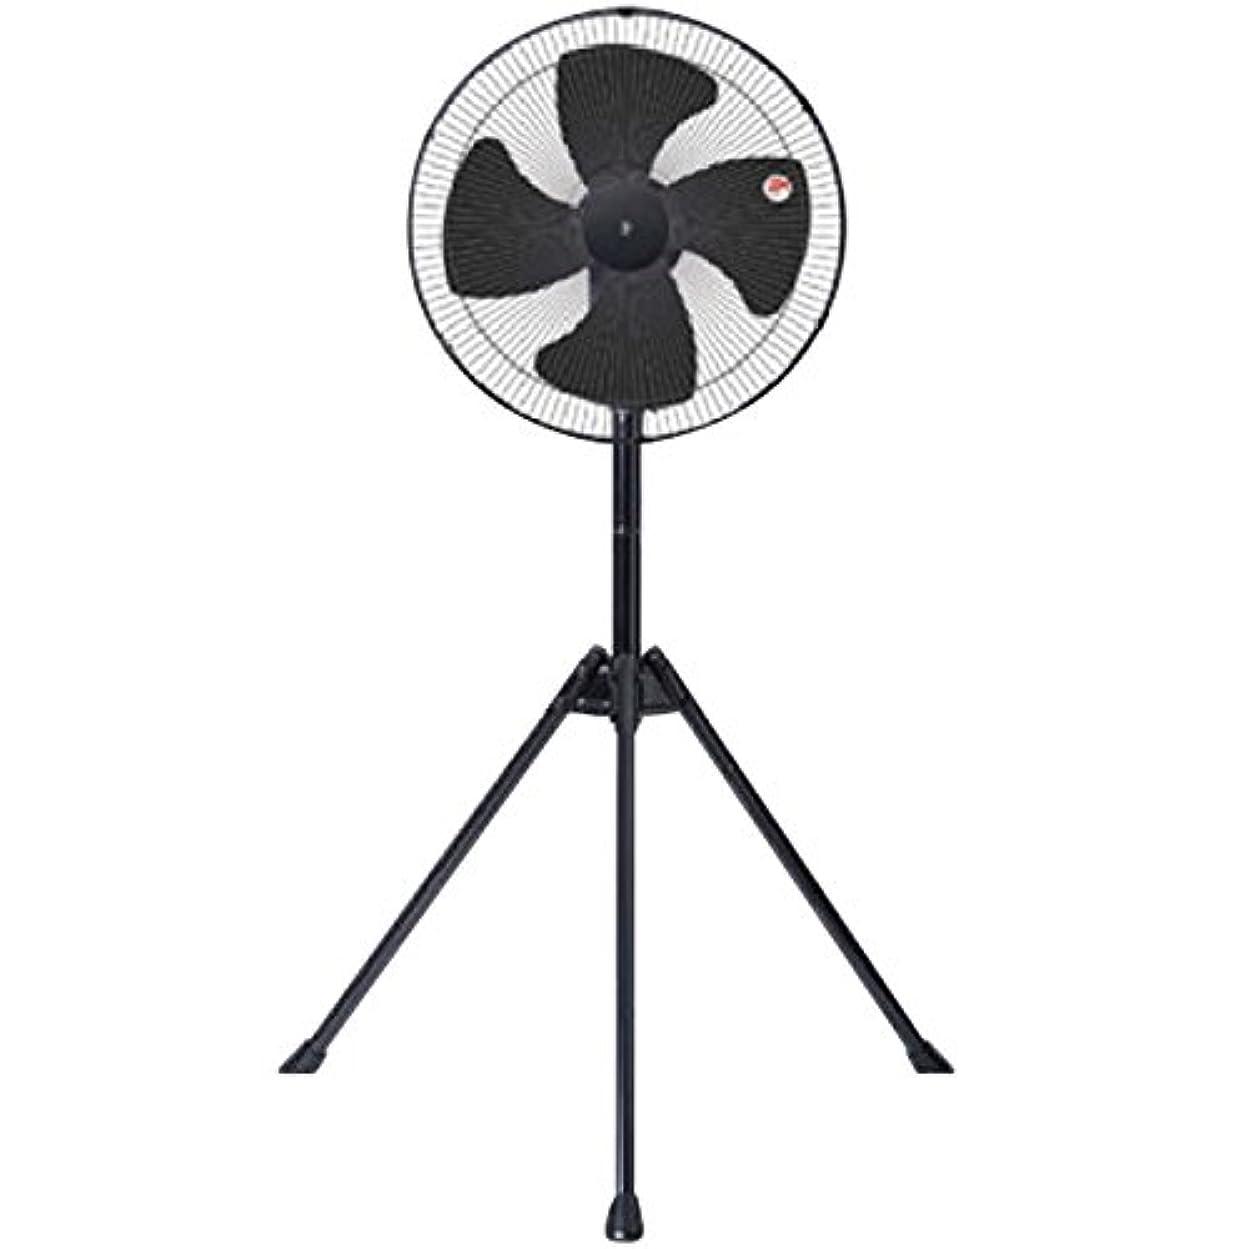 カード見て好意的山善 45cm工業扇風機 立体首振り (スタンド式)(ロータリースイッチ)(風量3段階) YKSX-G451